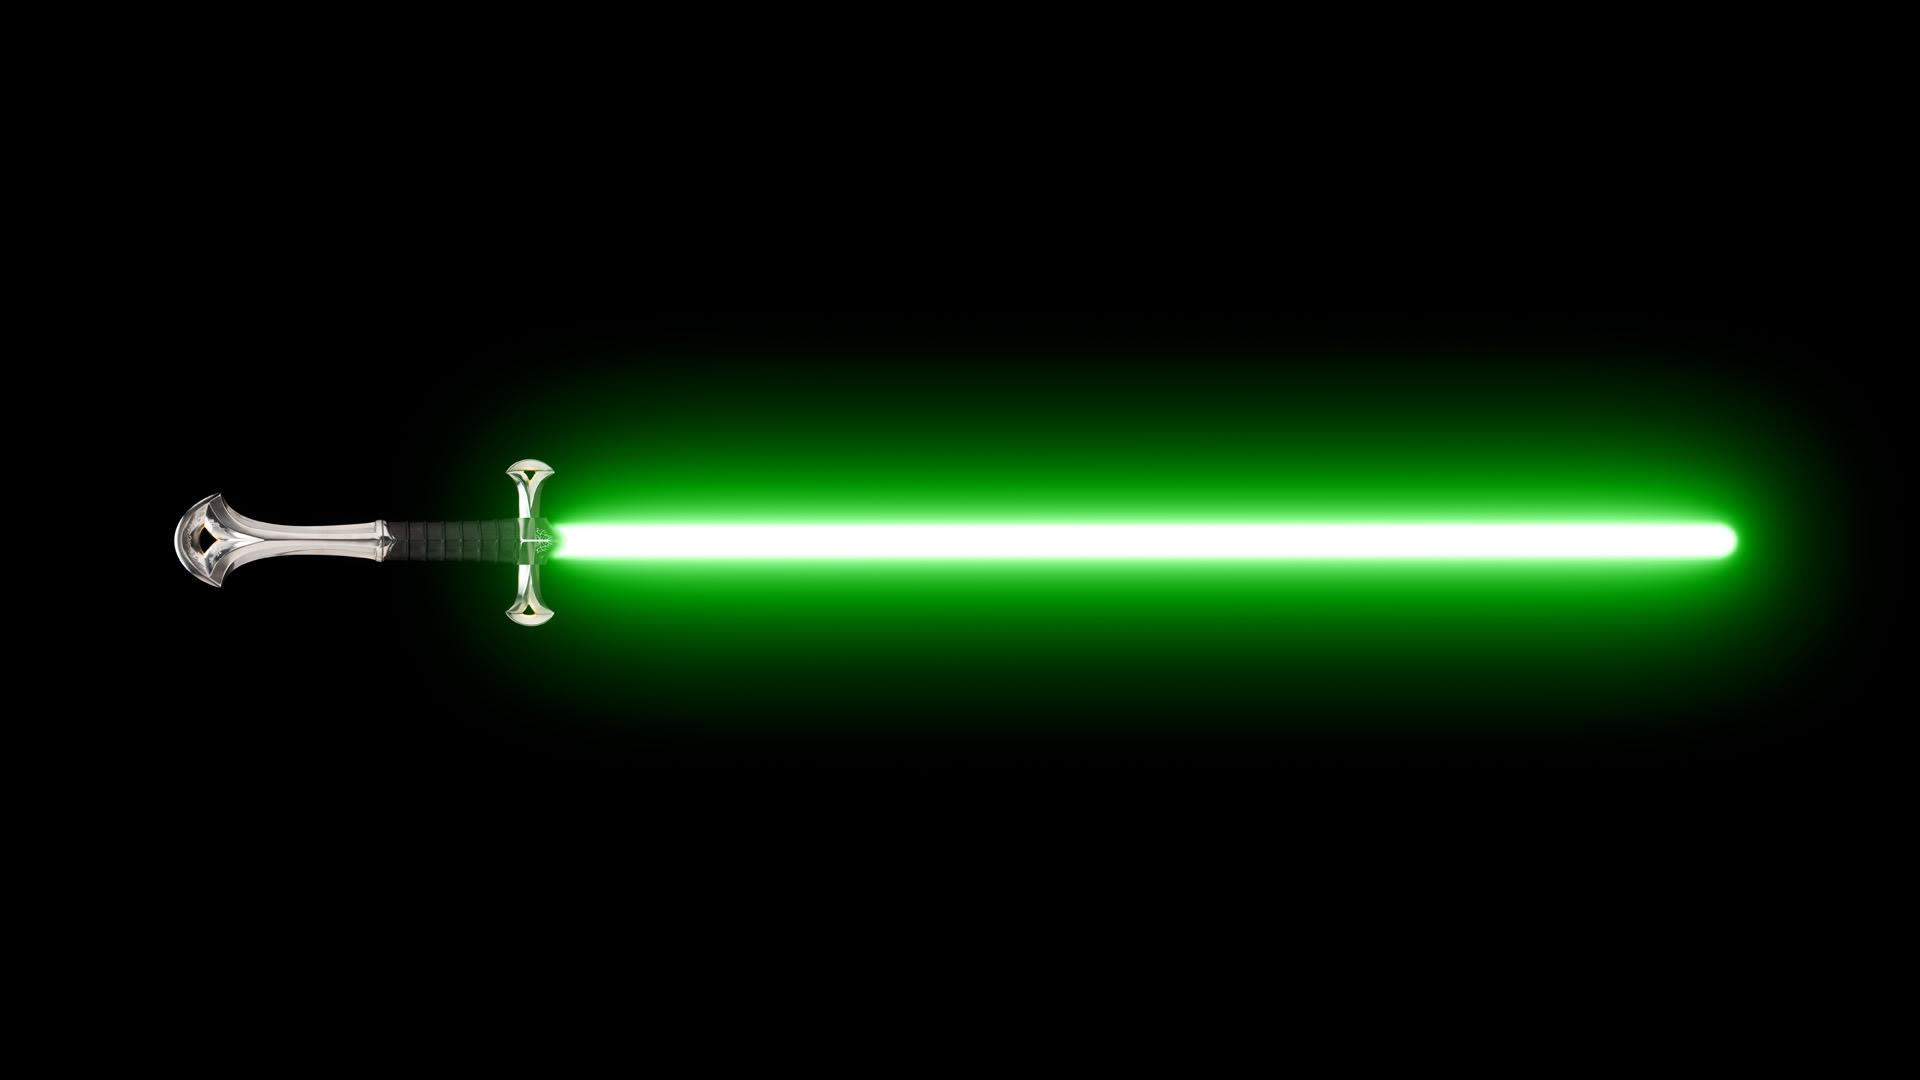 Download Green Lightsaber 1920x1080 HD Wallpaper 1920x1080